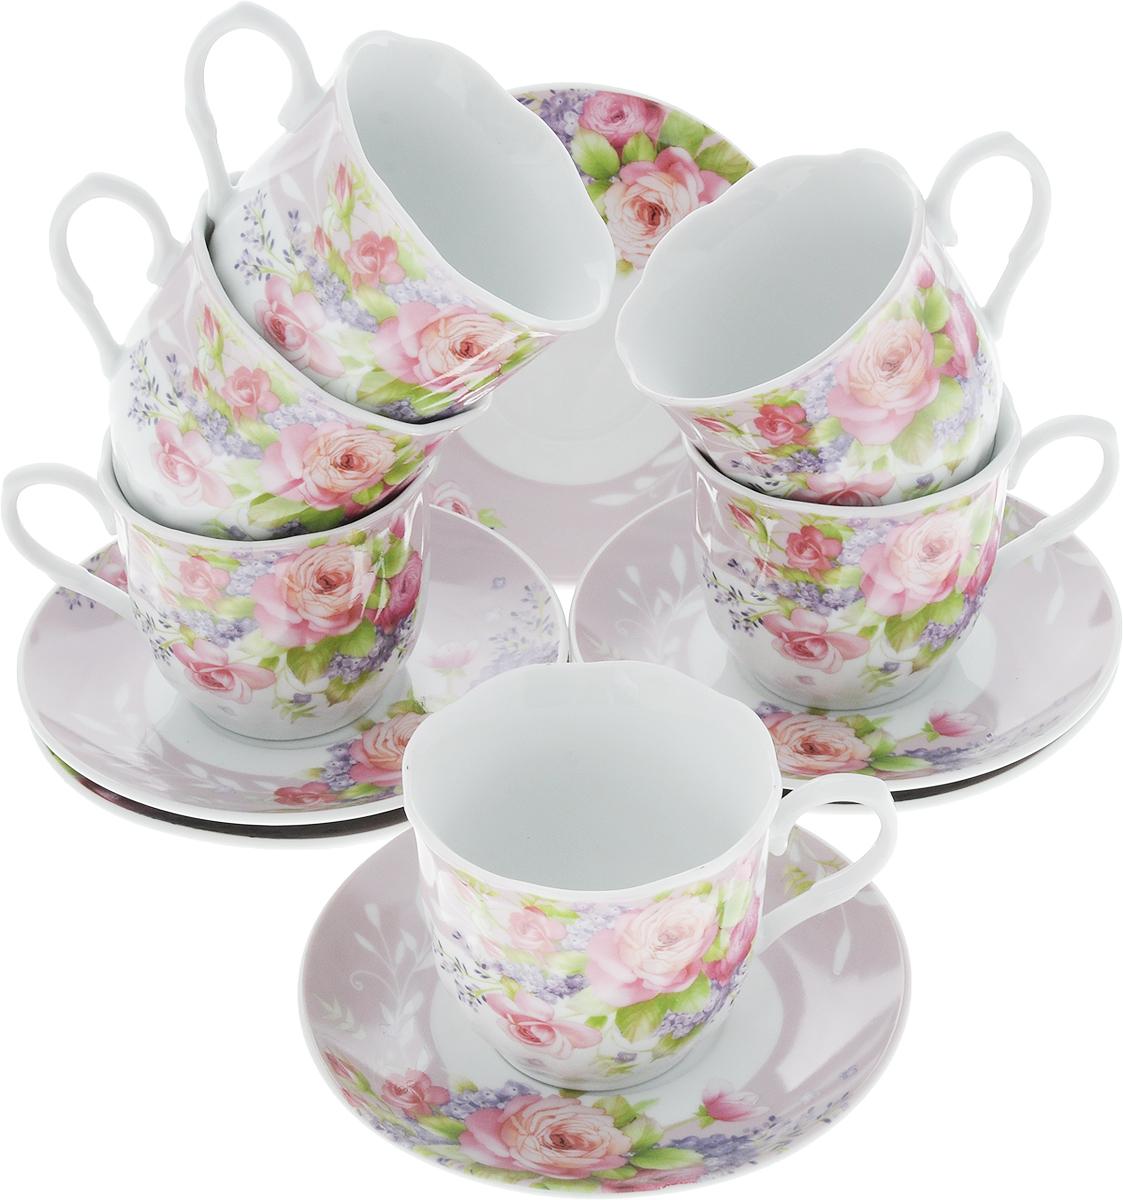 Чайный сервиз Loraine Цветы, 220 мл, 12 предметов. 25910115510Чайный сервиз на 6 персон изготовлен из качественного фарфора и оформлен красивым рисунком. Элегантный и удобный чайный сервиз не только украсит сервировку стола, но и поднимет настроение и превратит процесс чаепития в одно удовольствие.Сервиз состоит из 12 предметов: шести чашек и шести блюдец, упакованных в подарочную коробку. Чашки имеют удобную, изящную ручку.Изделия легко и просто мыть.Диаметр чашки: 8 см.Высота чашки: 7,5 см.Объем чашки: 220 мл.Диаметр блюдца: 14 см.